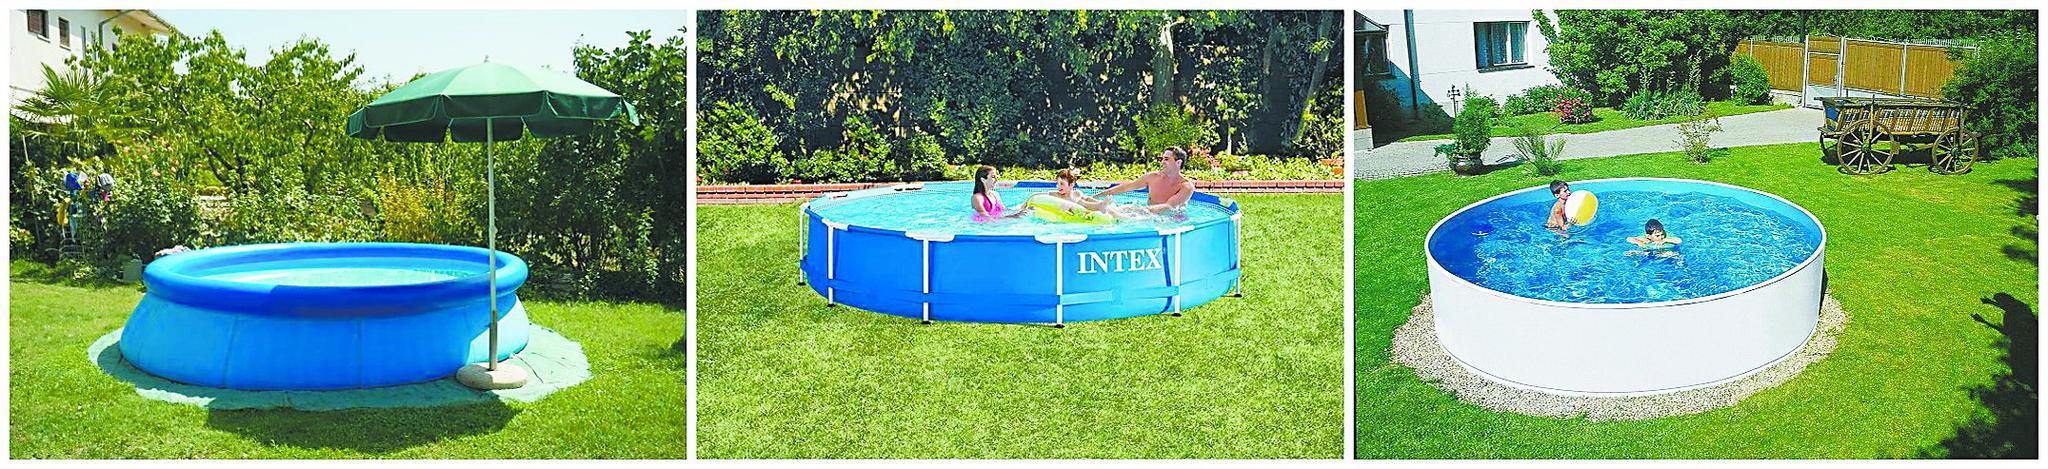 在这种流行下,奥地利人抢购了一个充气游泳池|奥地利|爆发|新冠心病肺炎